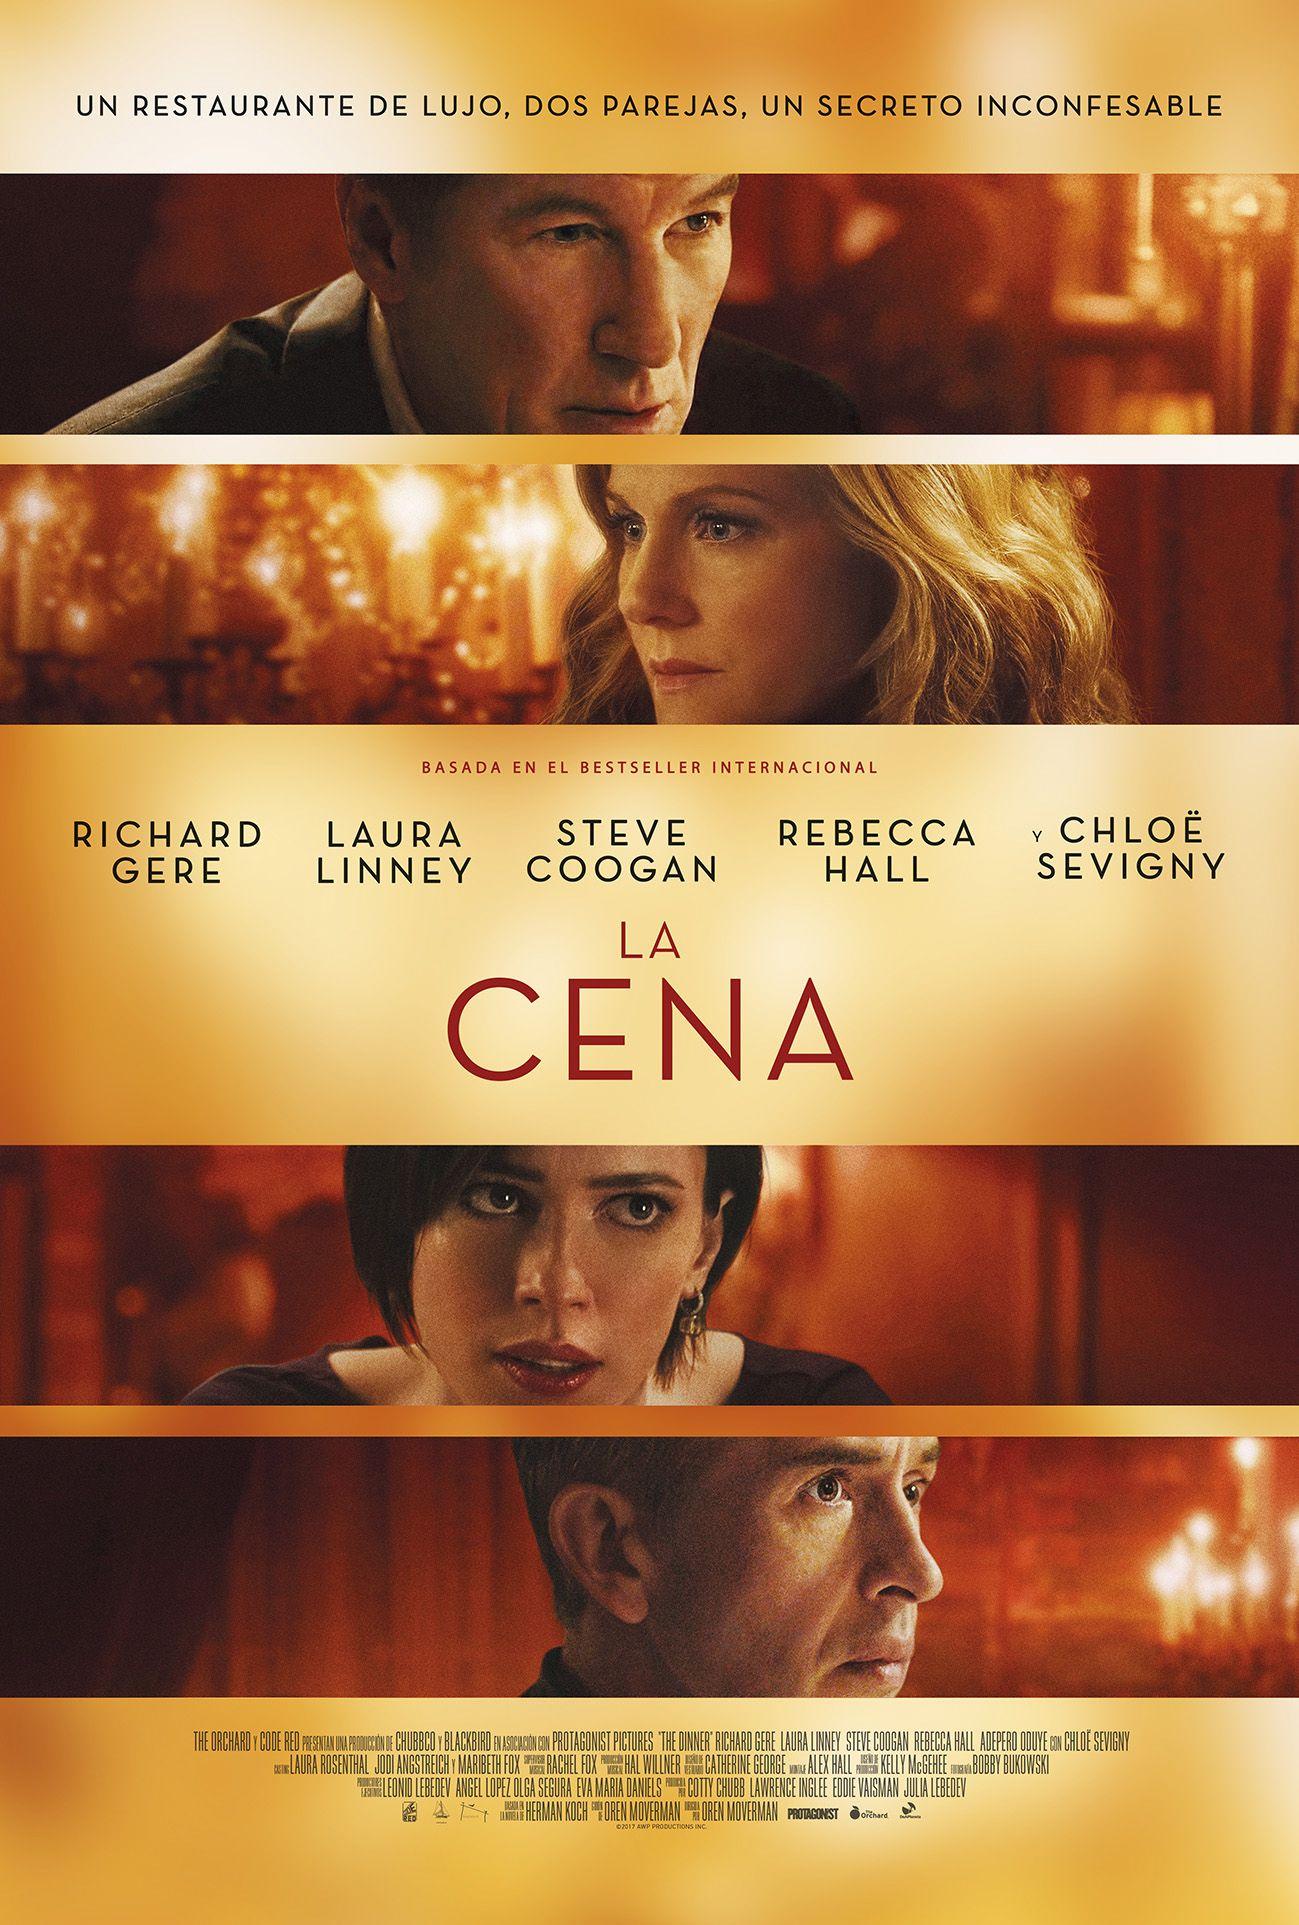 Crítica La Cena De Oren Moverman Y Con Richard Gere Películas Gratis Peliculas De Richard Gere Películas Completas